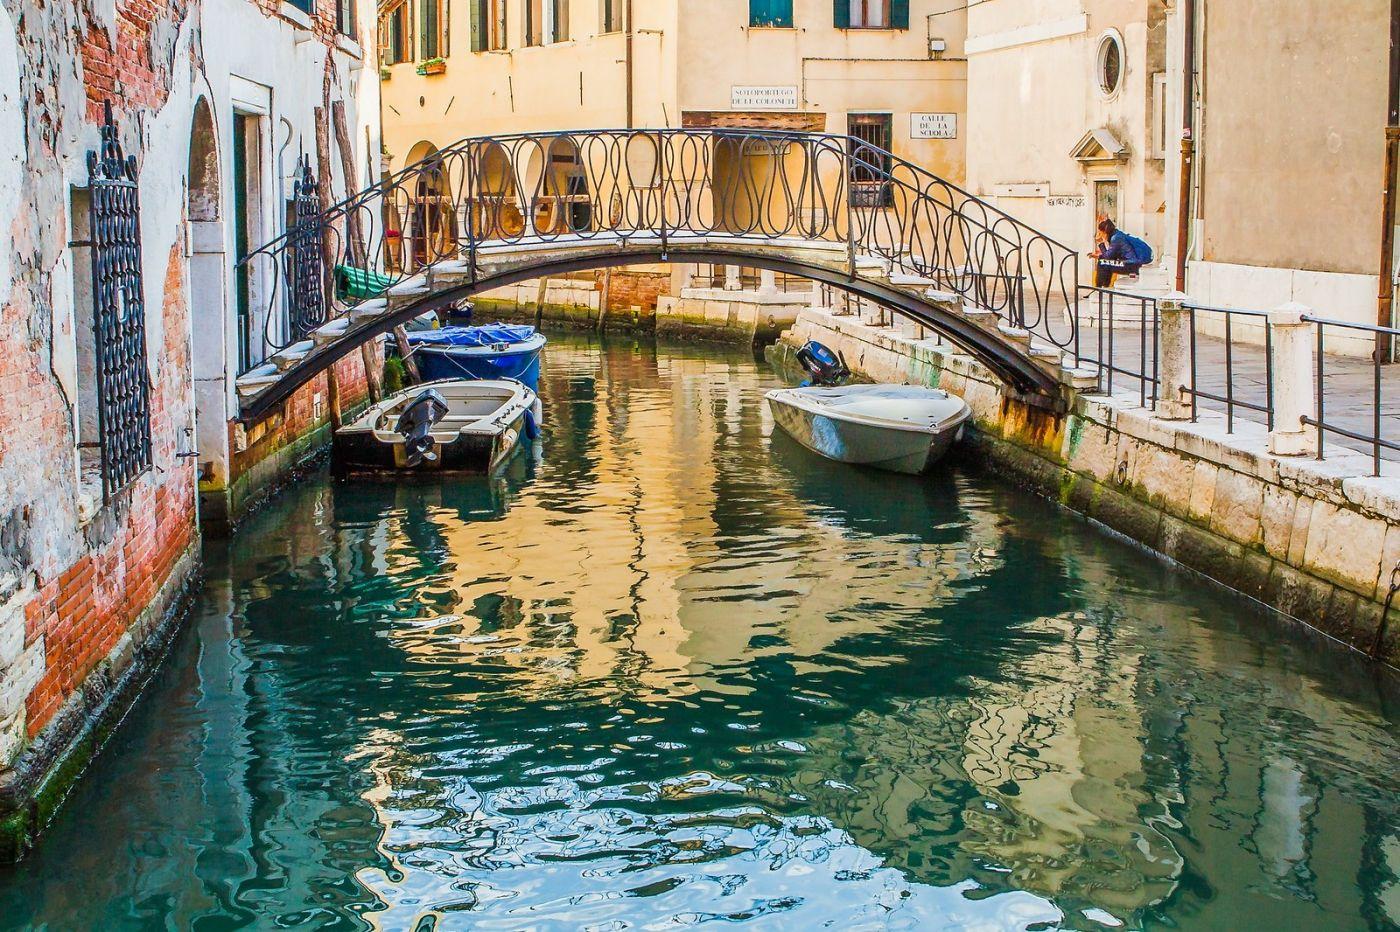 意大利威尼斯,桥的艺术_图1-17